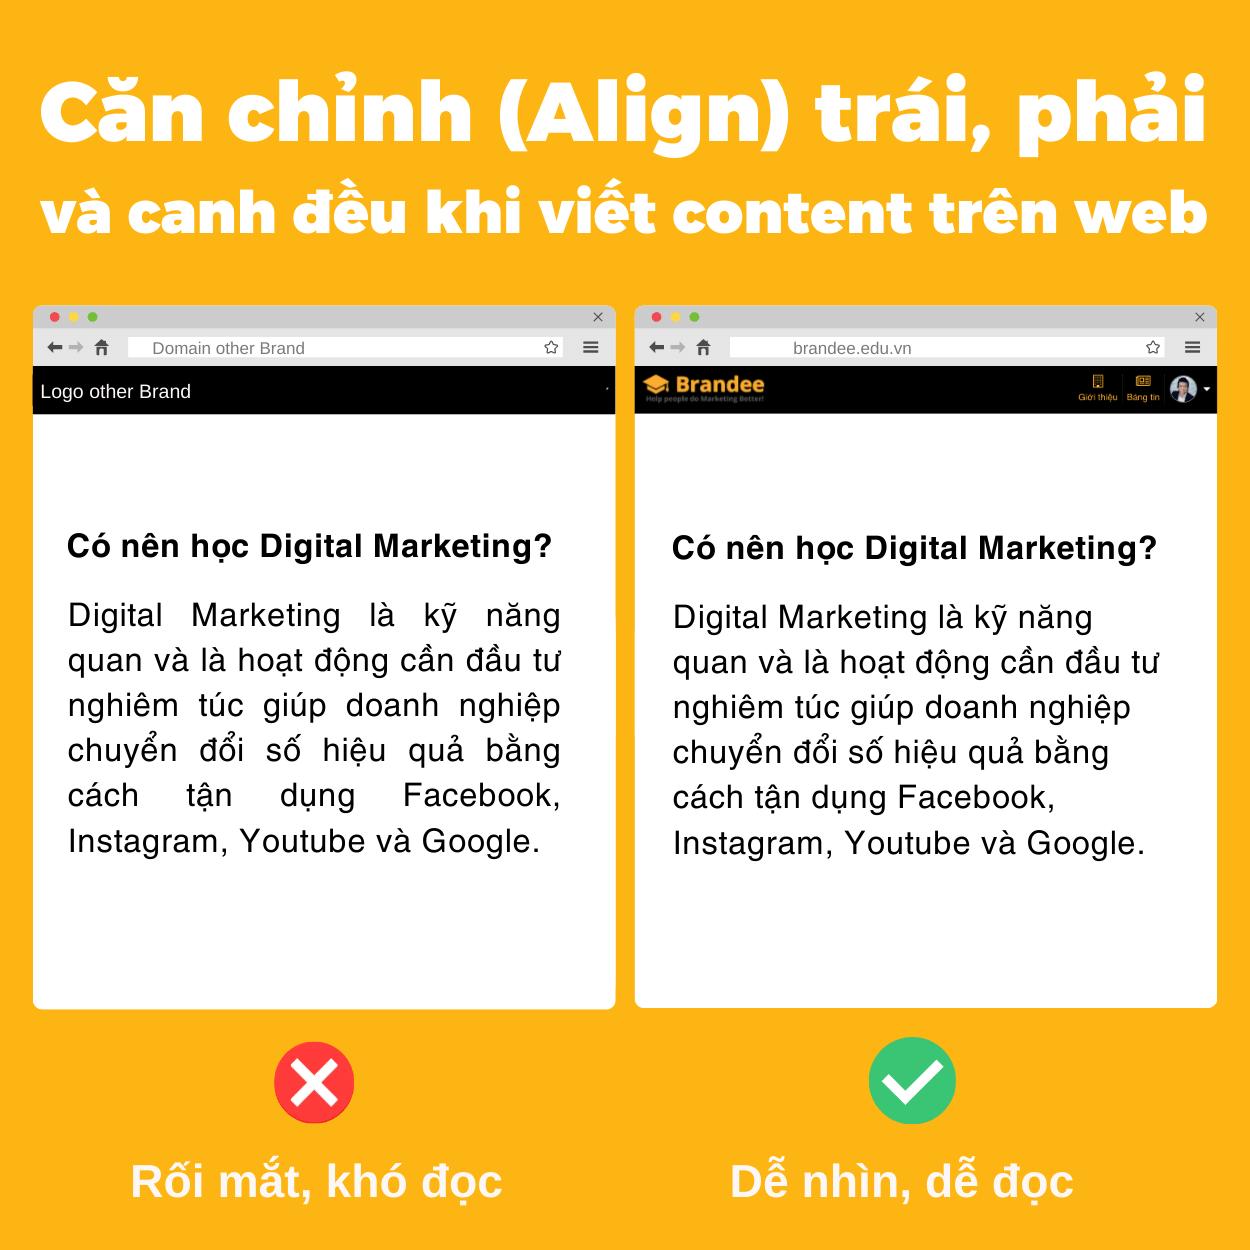 Căn chỉnh (Align) trái, phải và canh đều khi viết content trên web